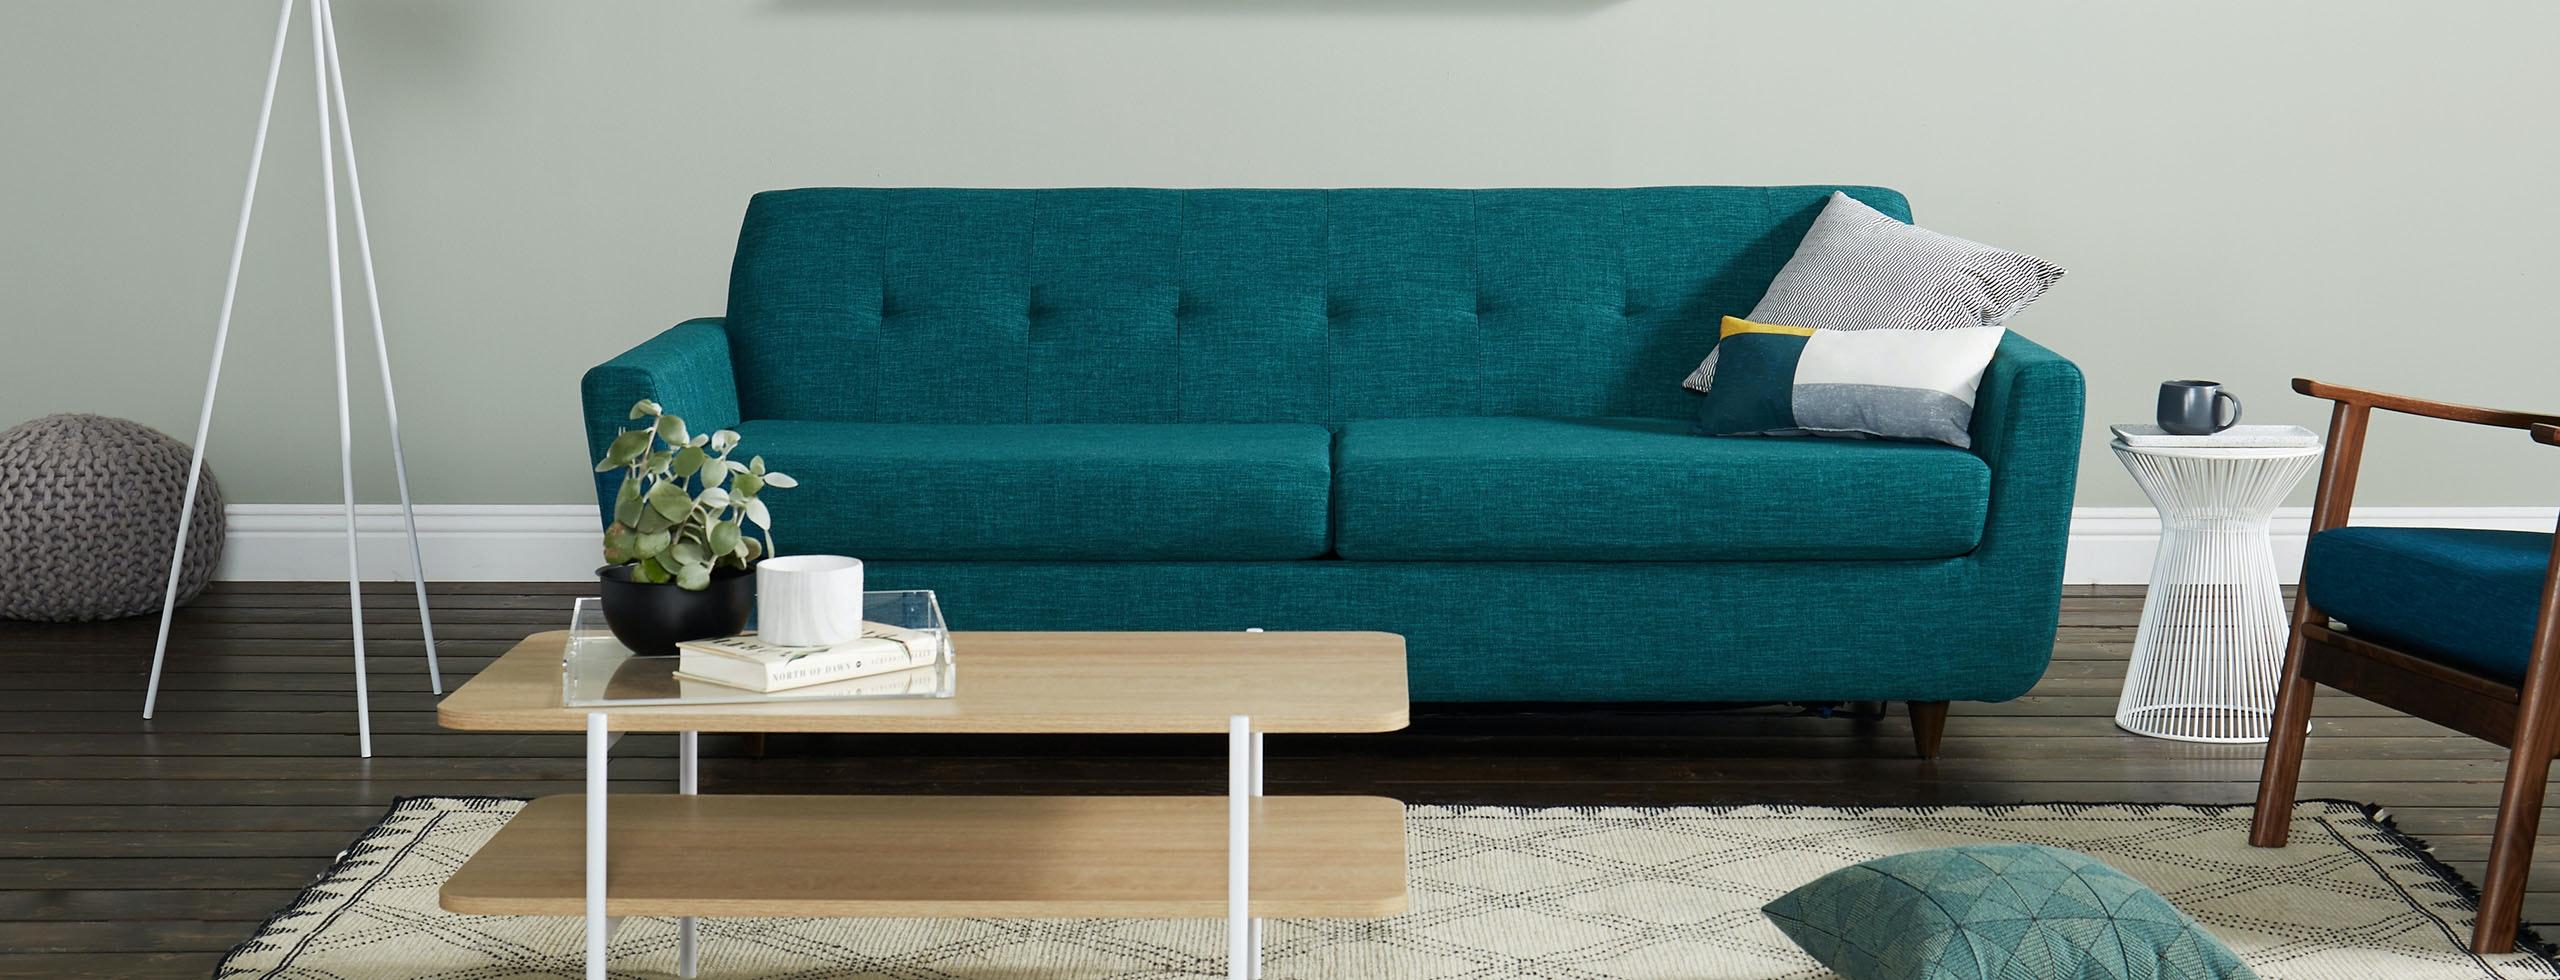 Hughes Sleeper Sofa Joybird